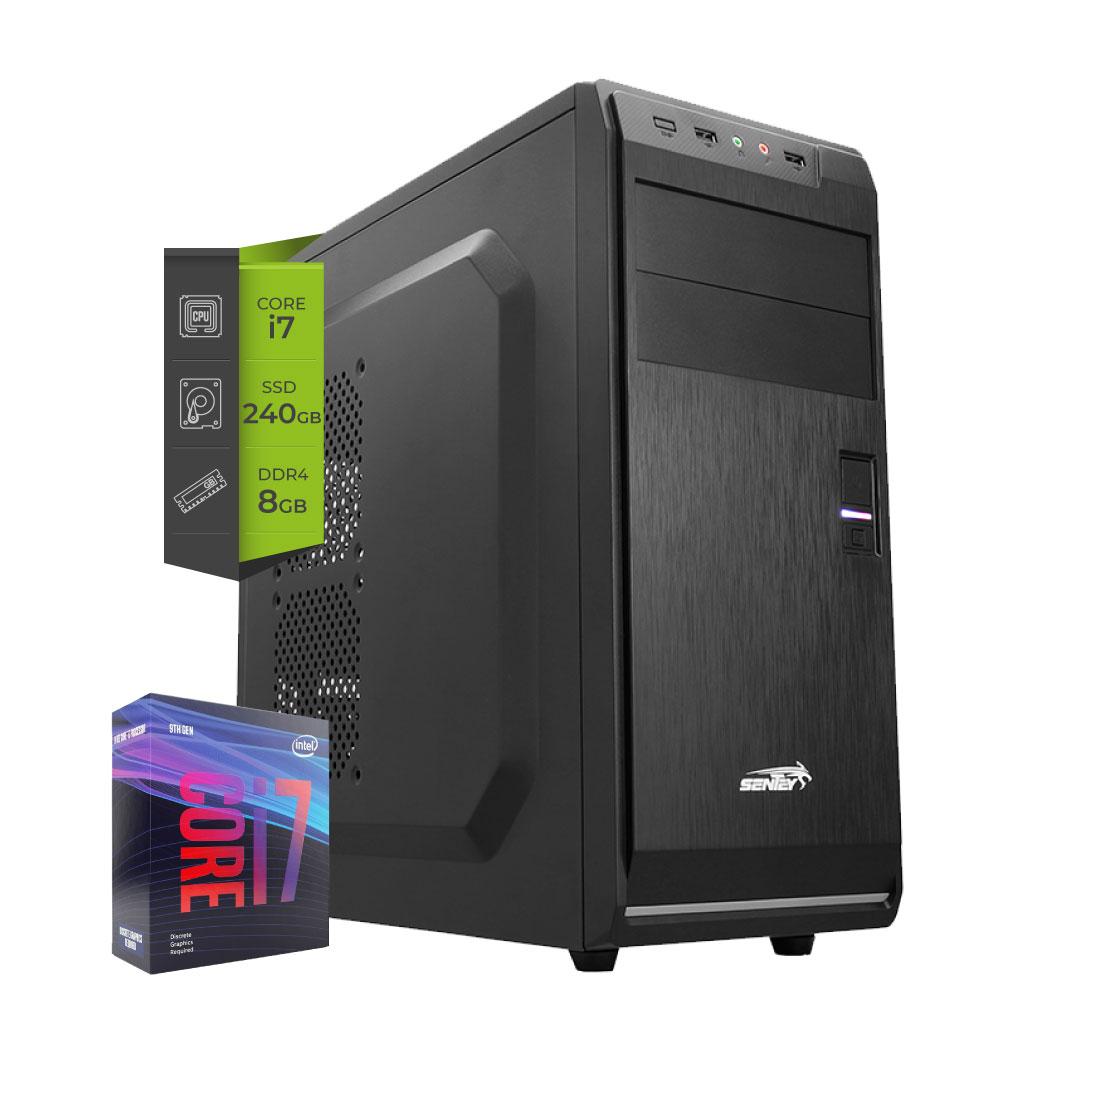 PC Intel I7 9700 Coffelake SSD 240Gb